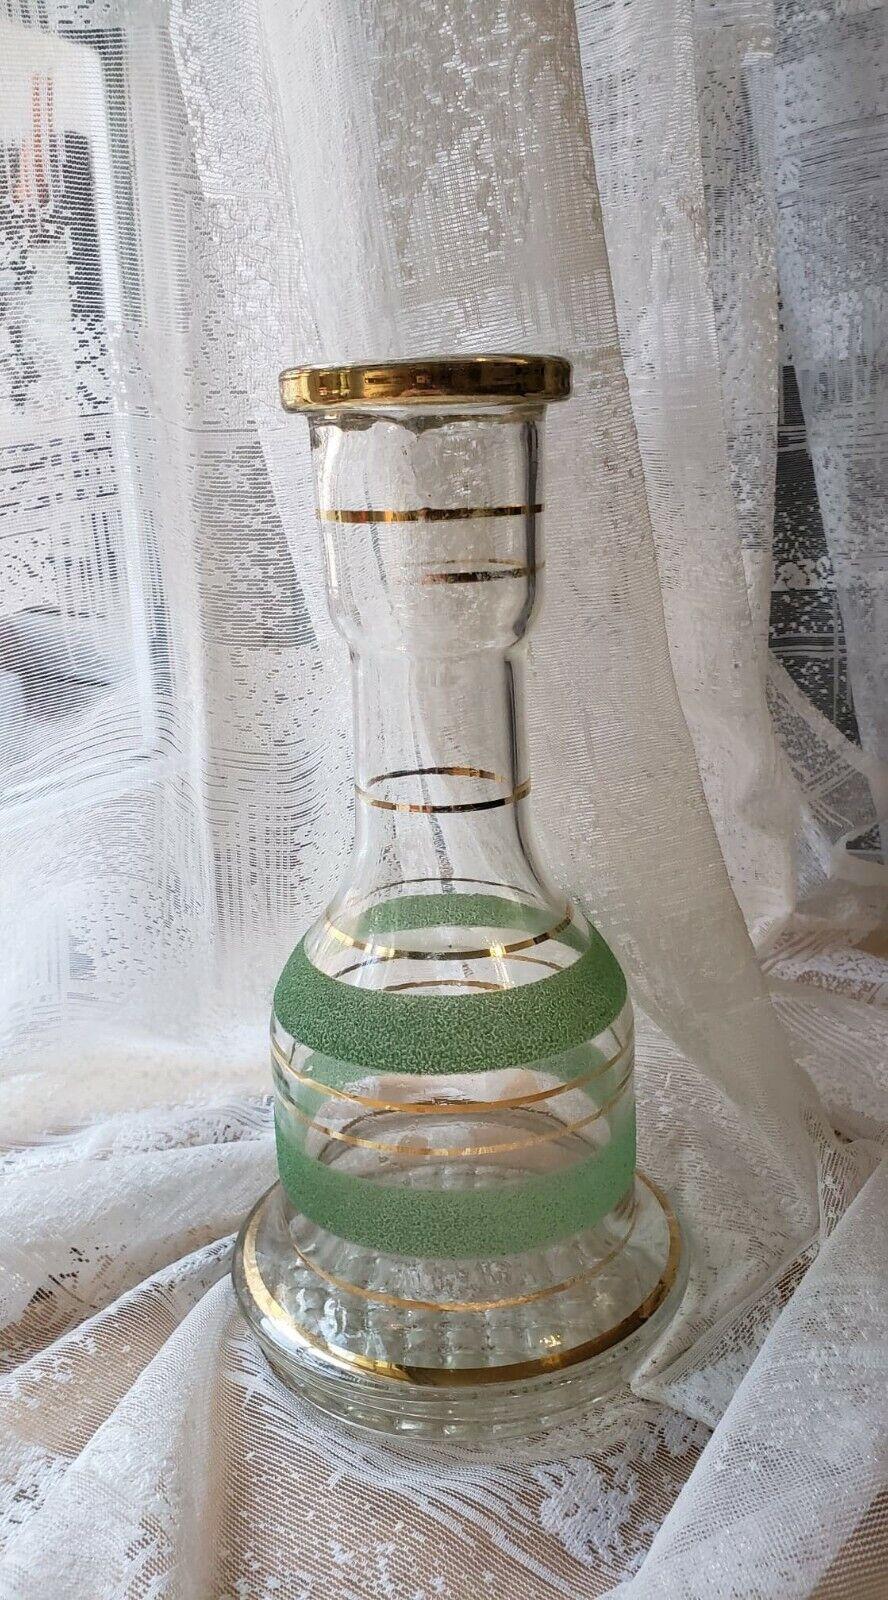 Vase chicha khalil mamoon base de narguilé